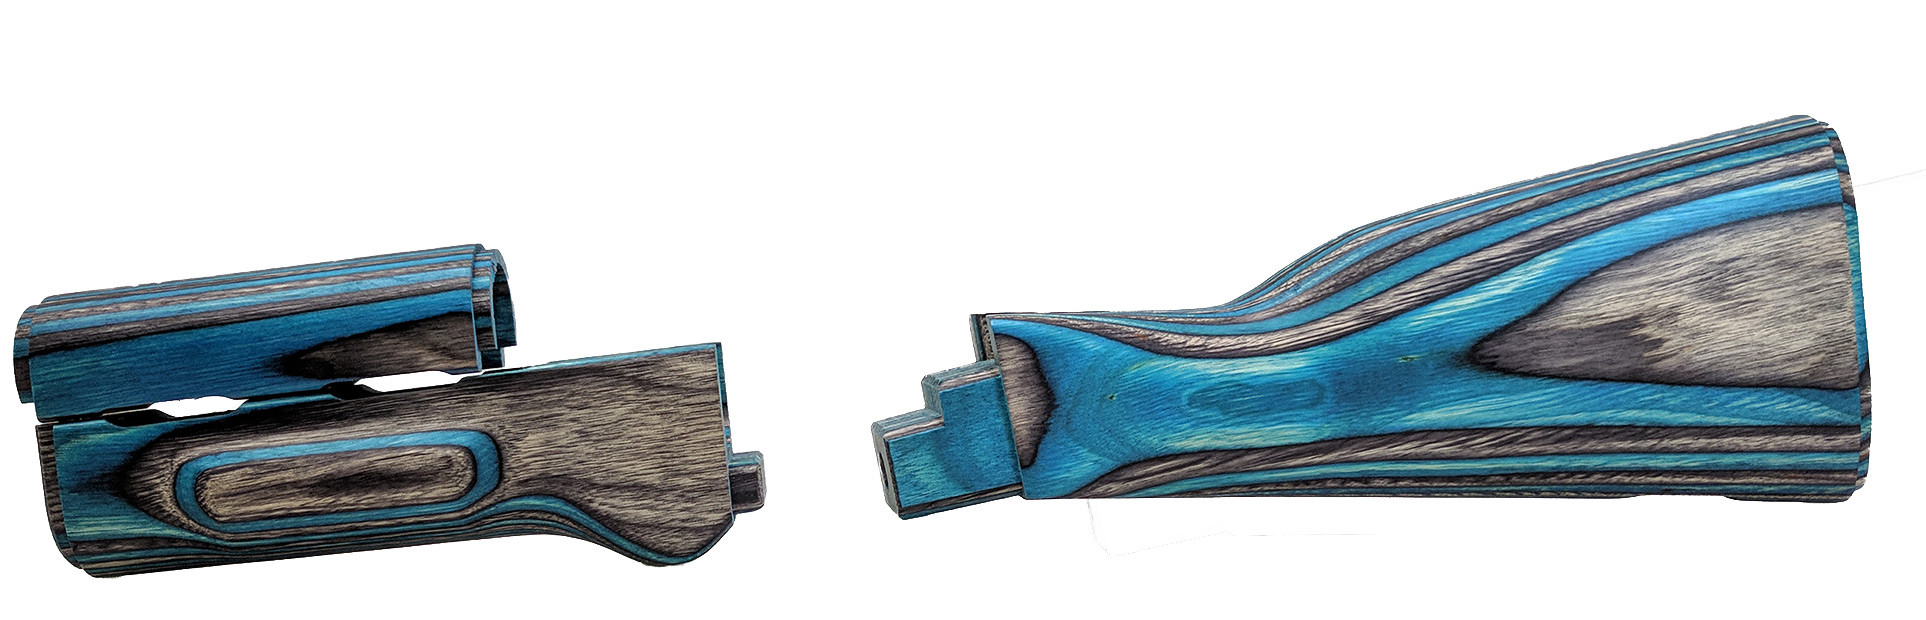 AK Laminated Furniture Set, Teal, w/o Grip, *NEW*